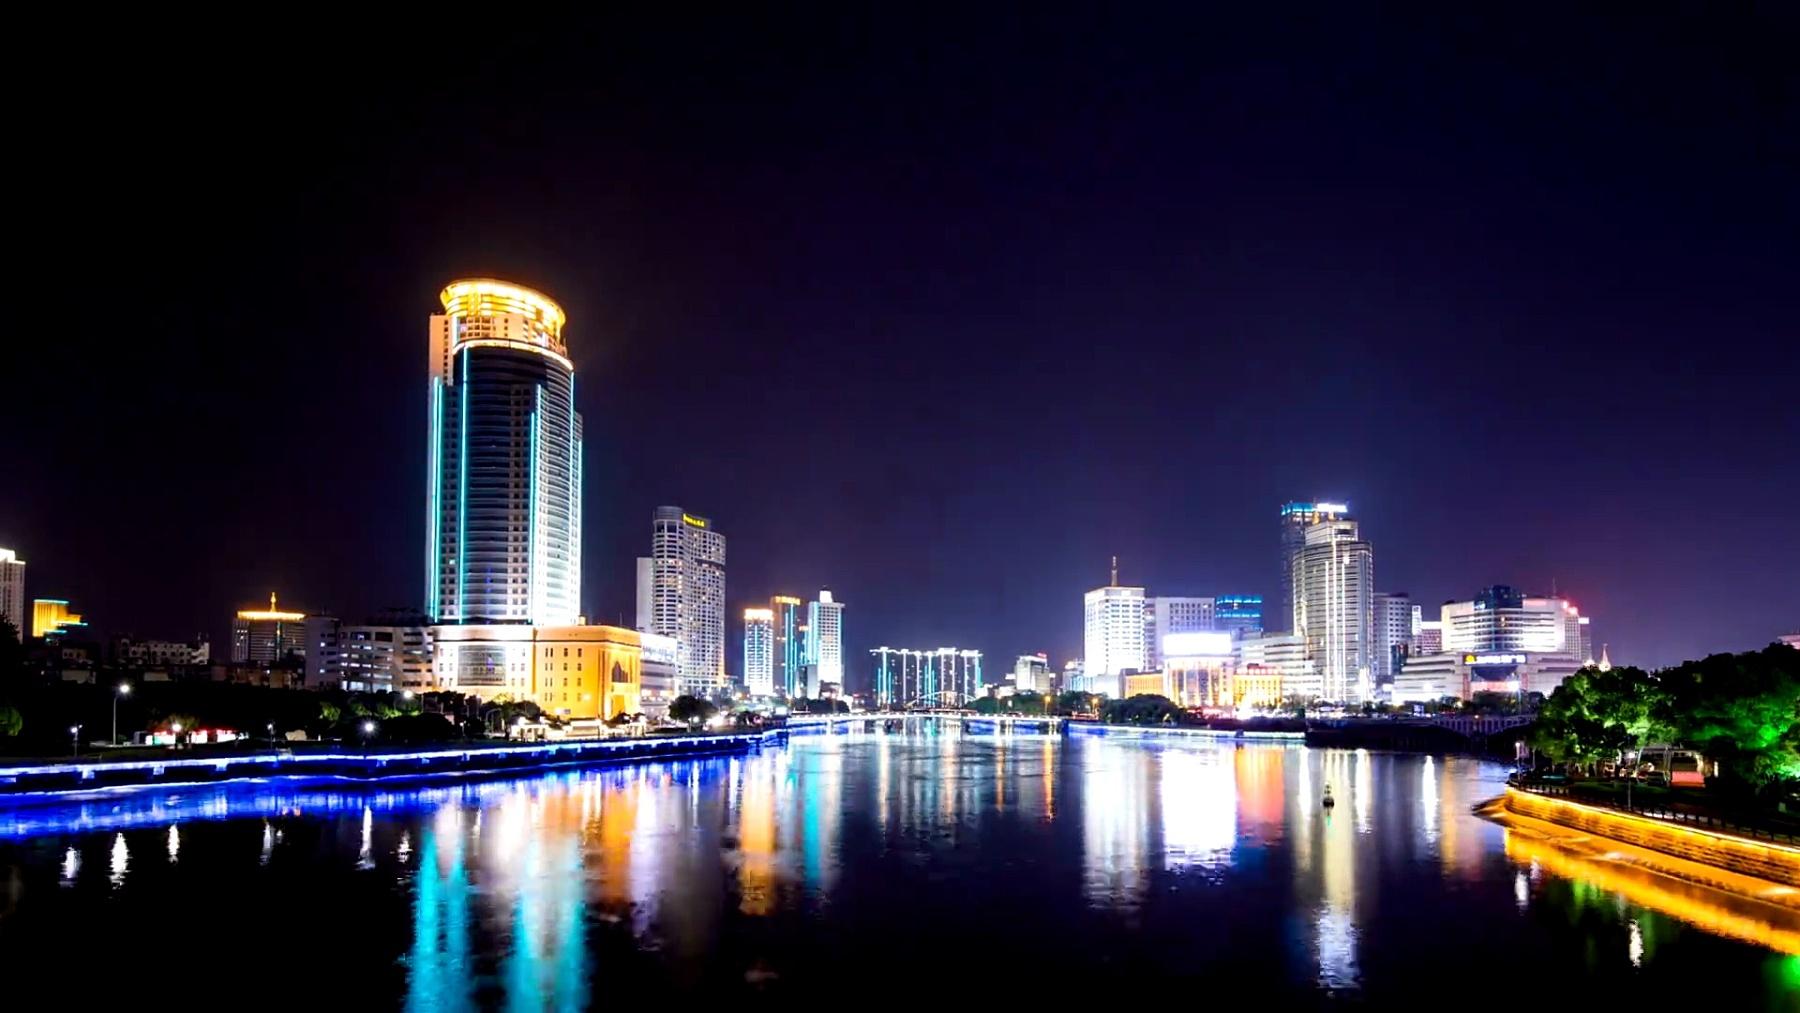 夜里宁波河岸的天际线和照明建筑。